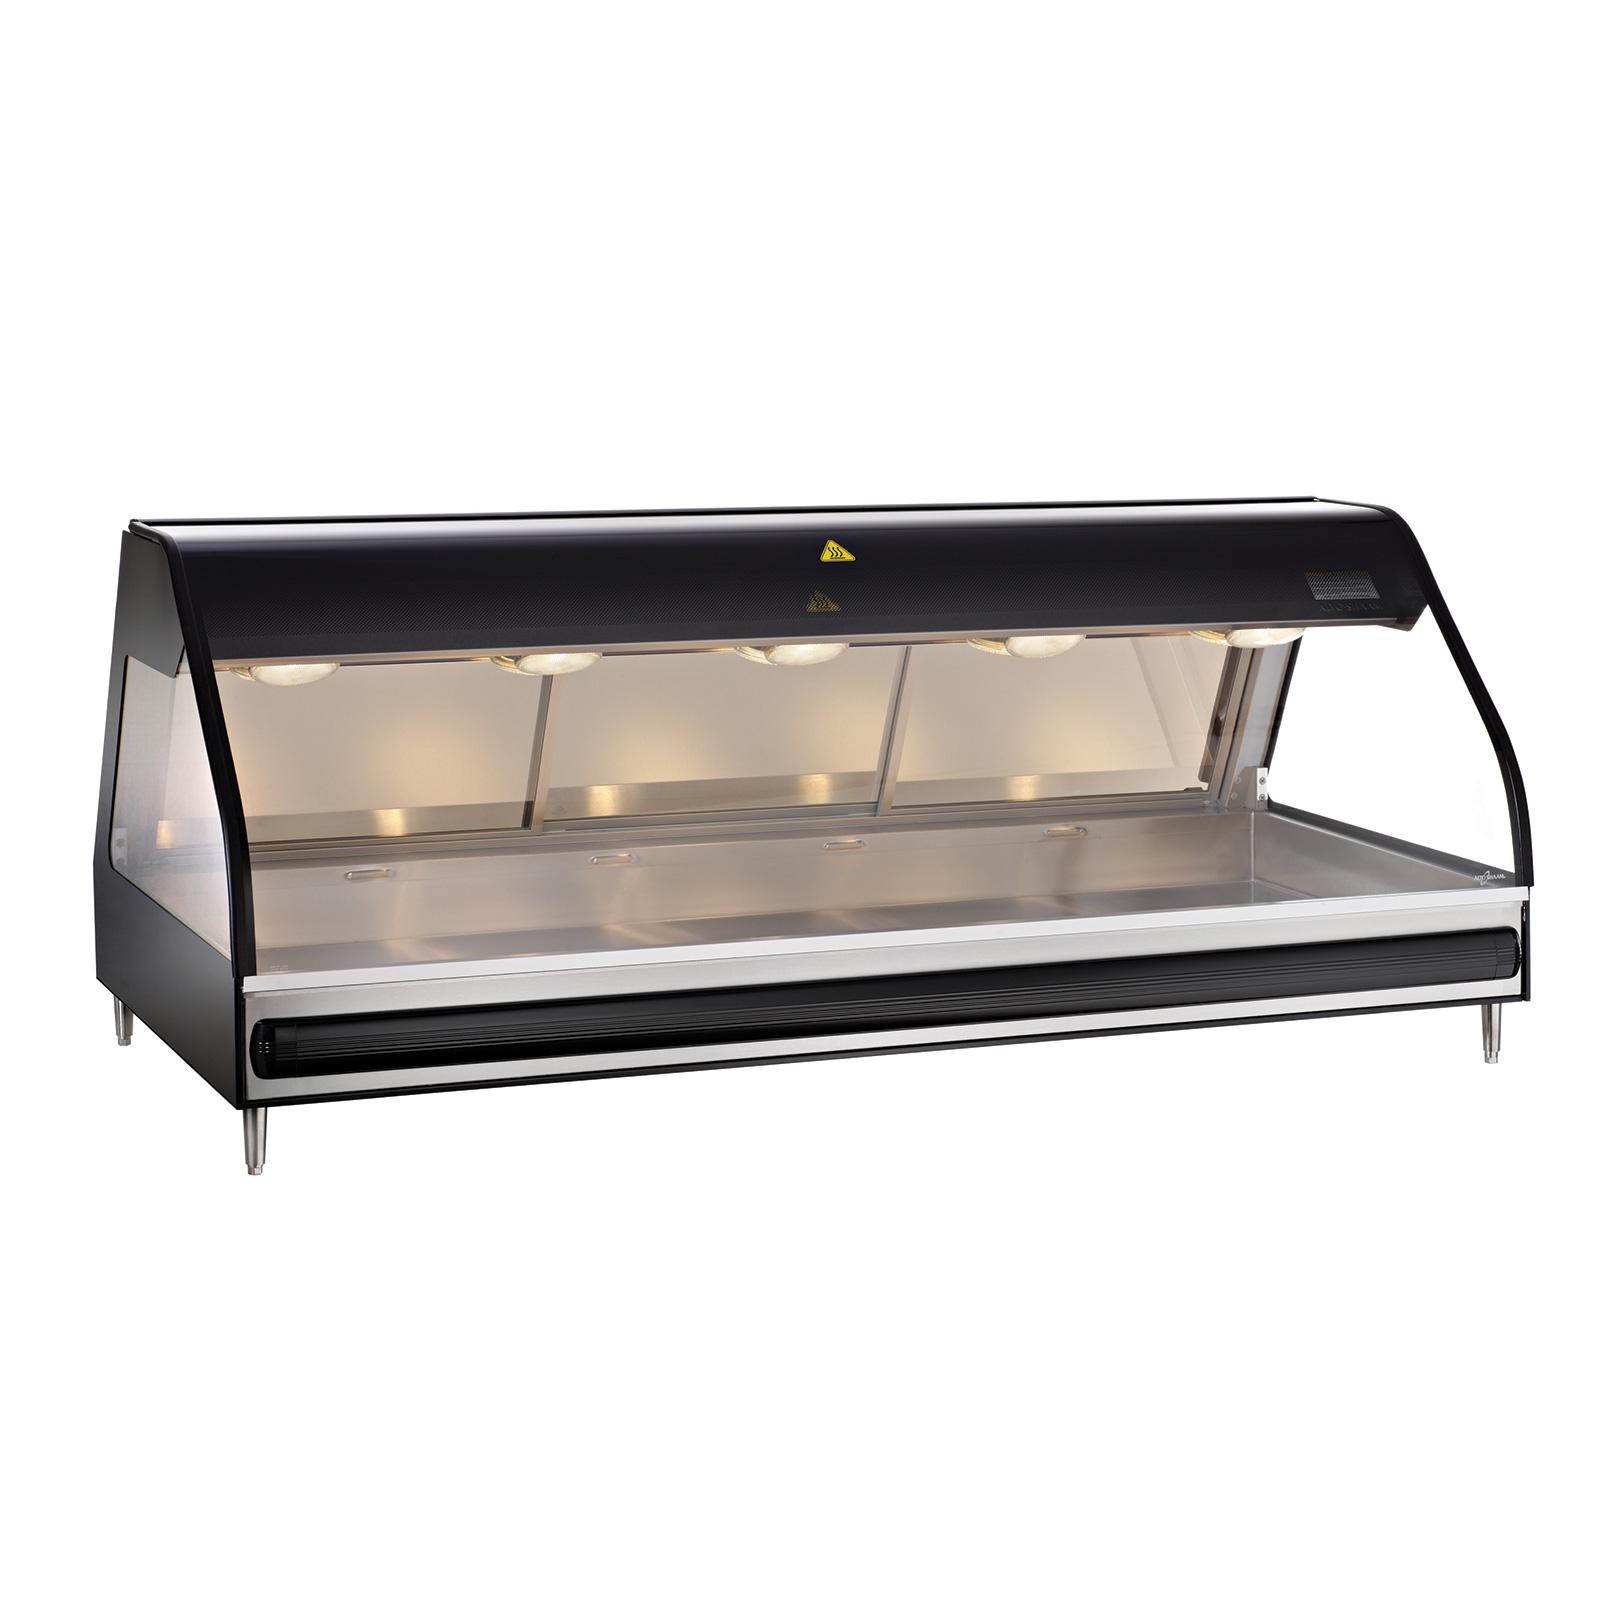 Alto-Shaam ED2-72-BLK display case, heated deli, countertop